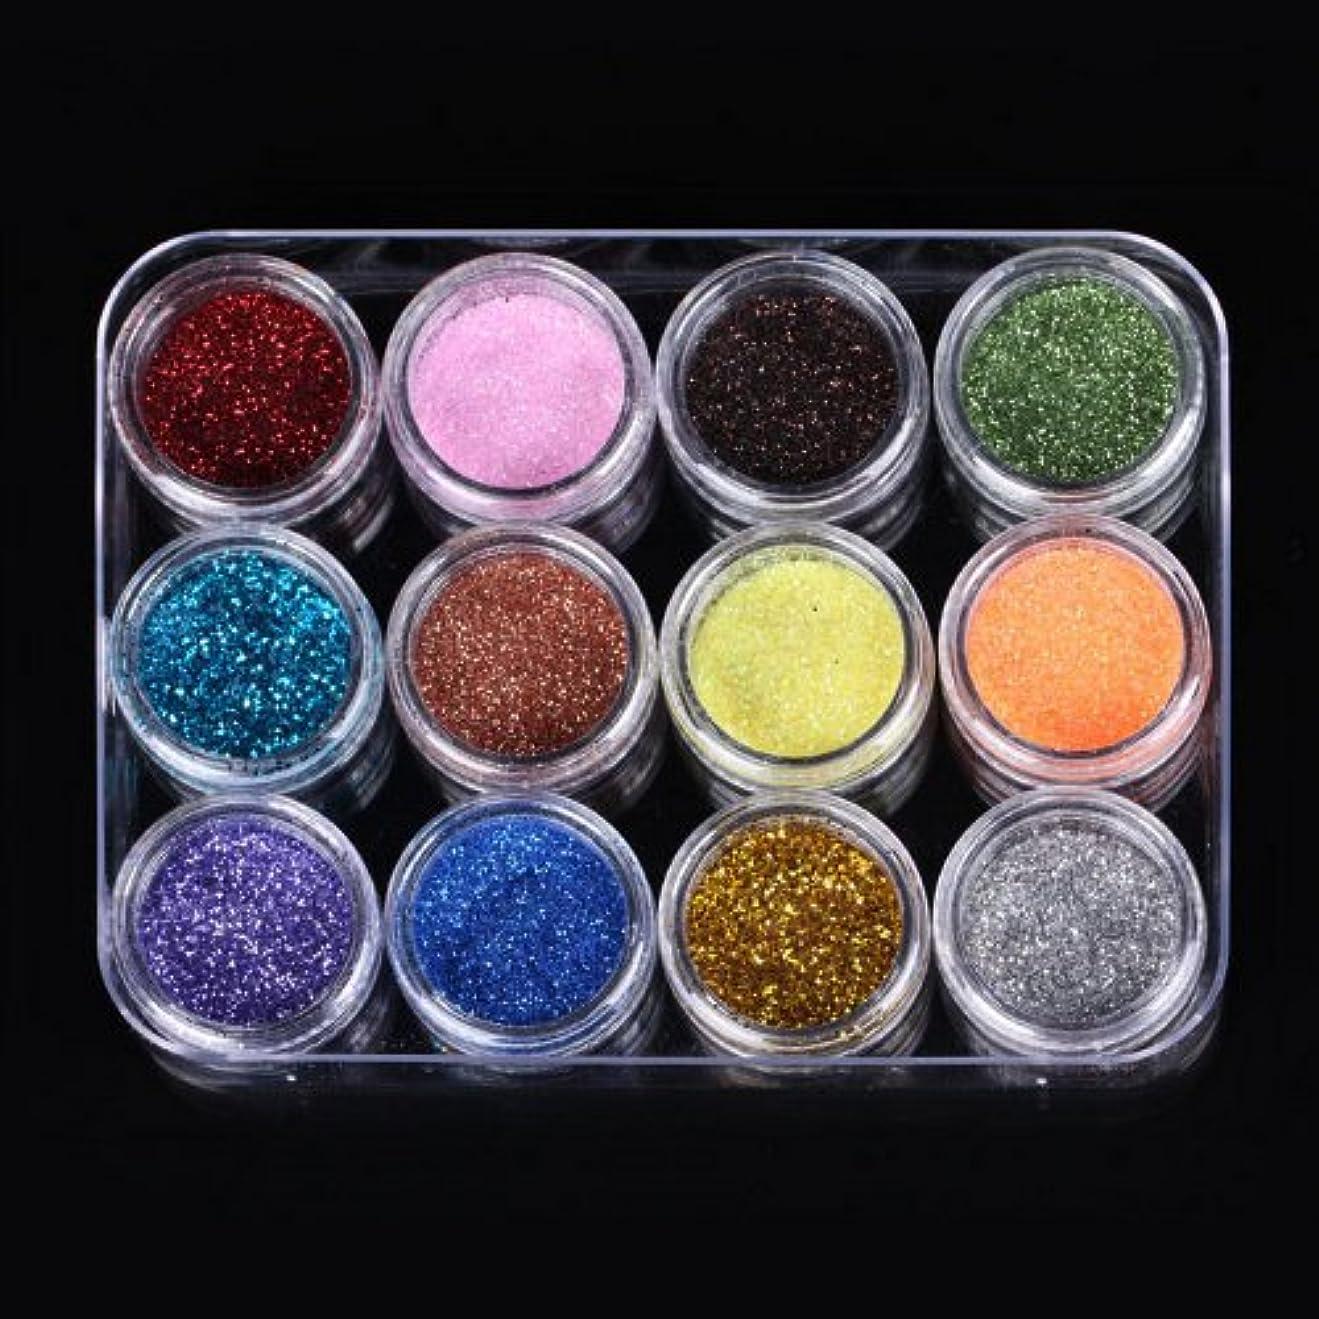 課す話フルーツ野菜ネイル用微粒子0.3mmグリッターラメ12色セット☆ジェルネイルに◎【青】